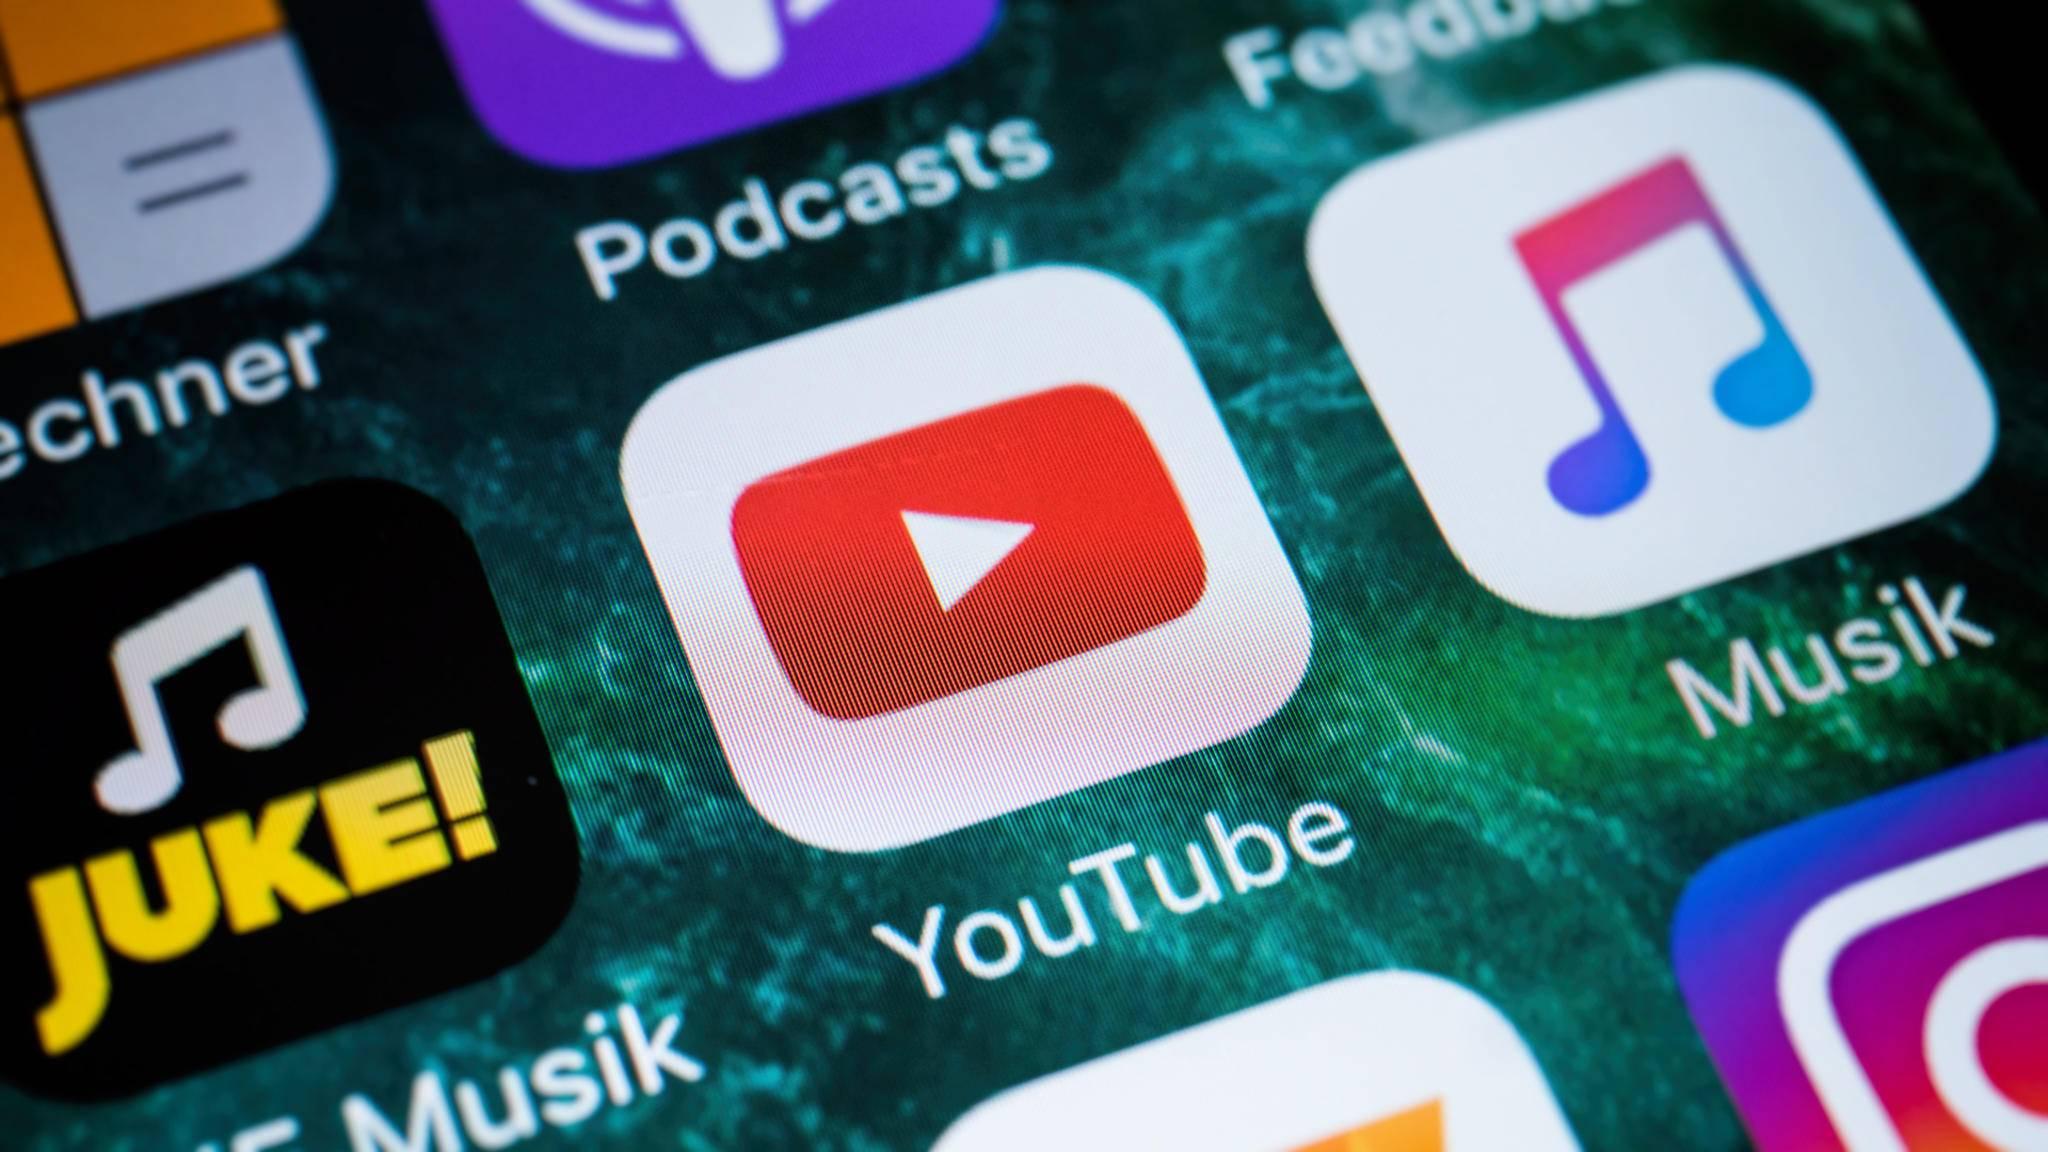 Seit 2012 gehört YouTube nicht mehr zu den nativen iPhone-Apps.